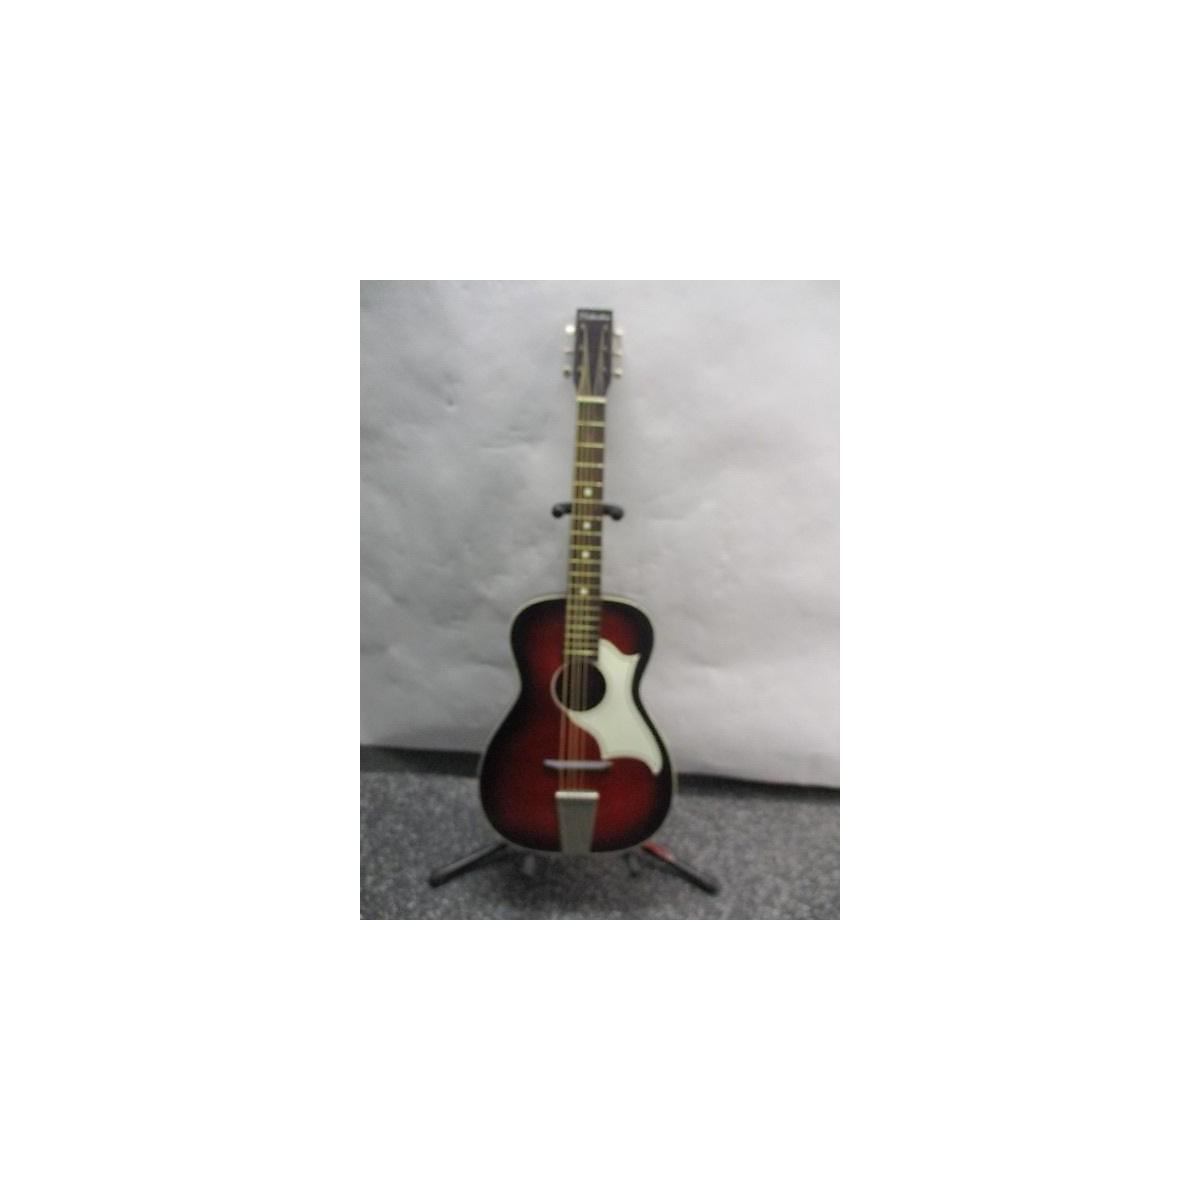 Silvertone 1960s Parlor Acoustic Guitar Acoustic Guitar